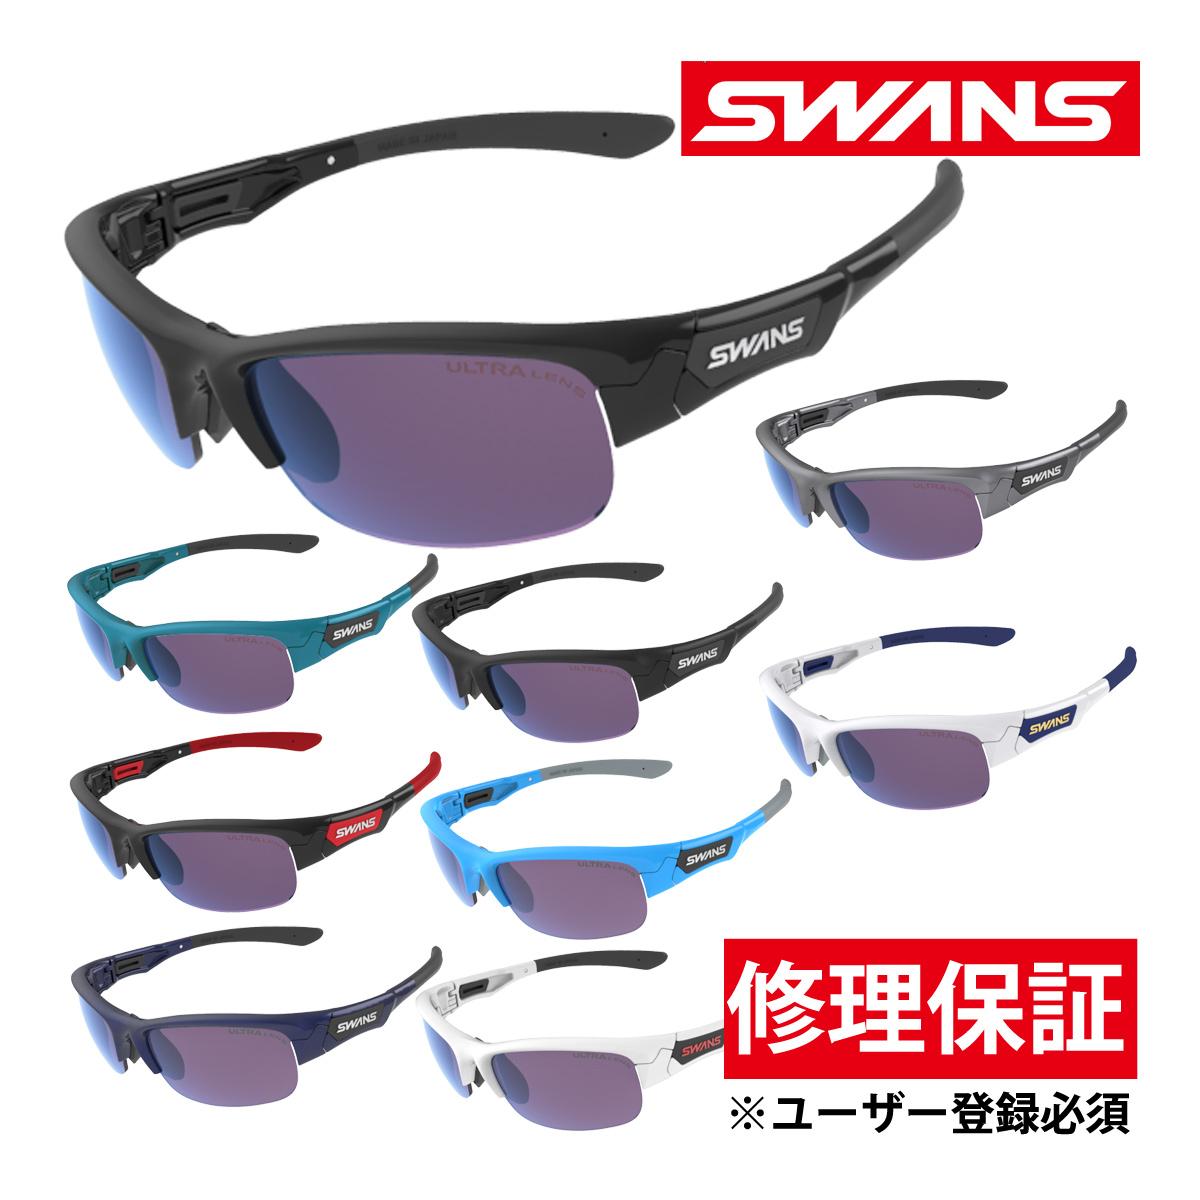 サングラス 偏光 ウルトラレンズ 両面マルチ ドライブ 釣り ゴルフ スポーツ メンズ レディース SPRINGBOK フレーム+L-SPB-0170 PROSK おすすめ 人気 SWANS スワンズ